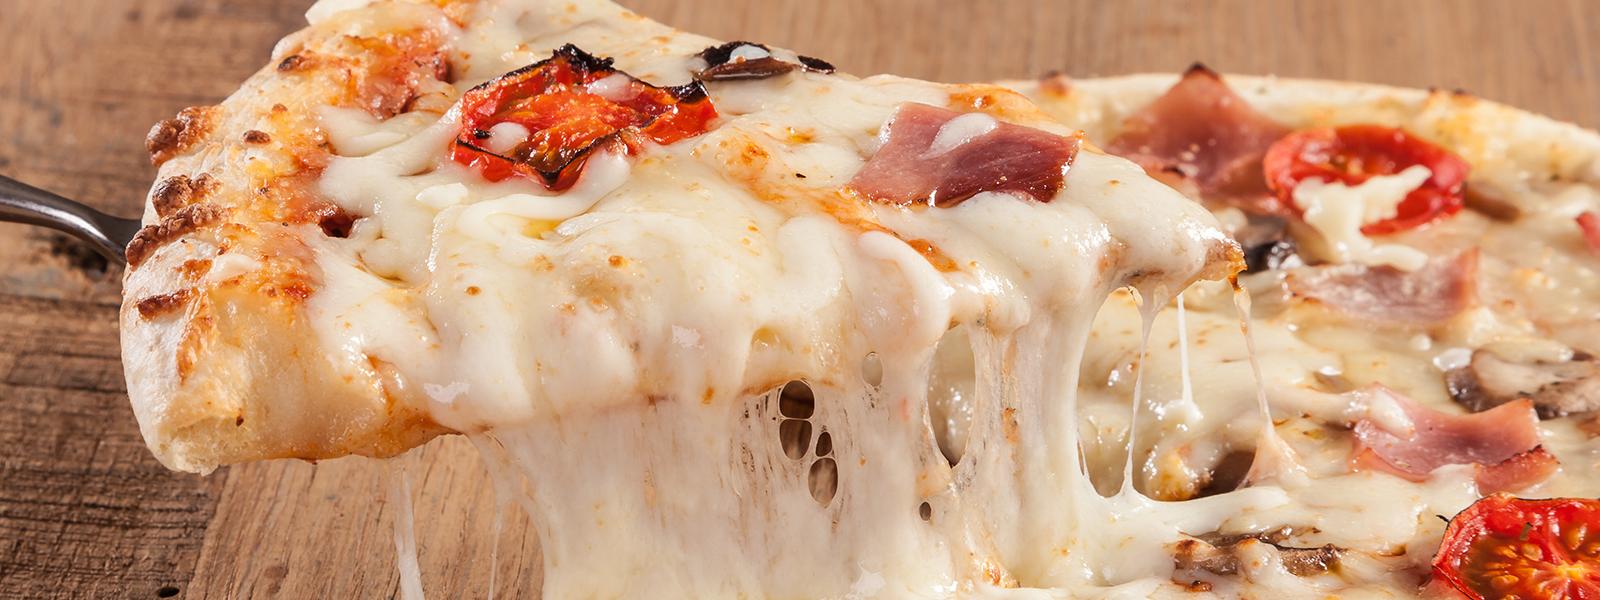 Angelos Merinos Pizzeria Redcar Takeaway Order Online